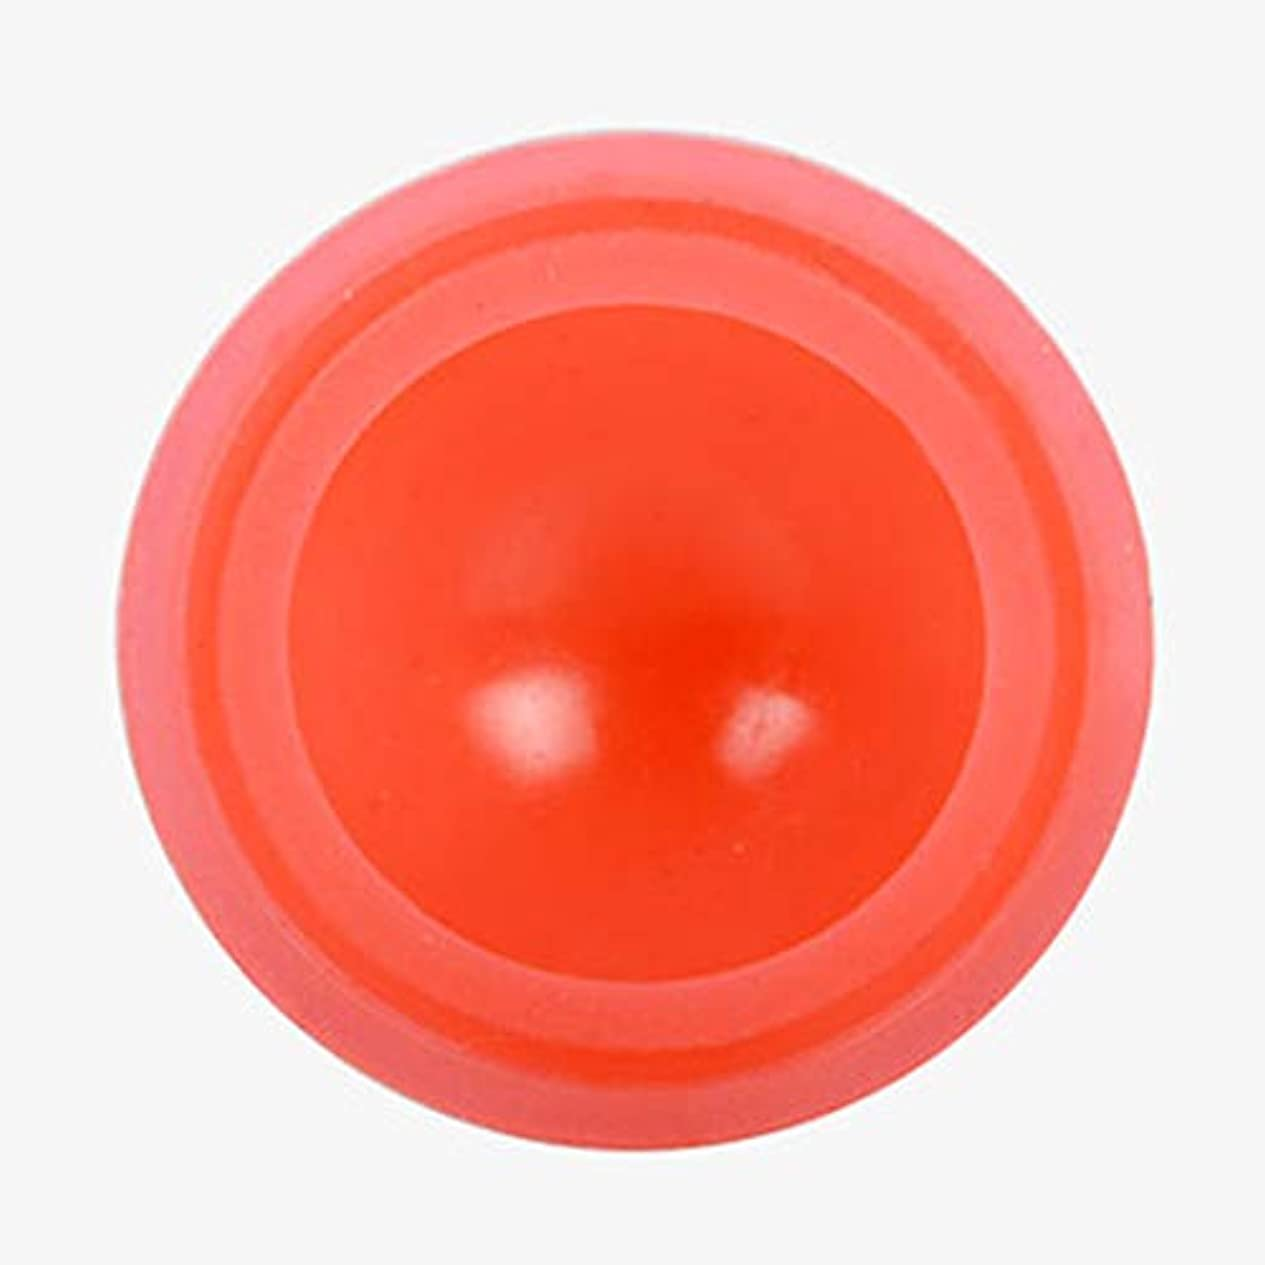 整然としたトンネルバーガーマッサージカッピング カッピング シリコンカッピング 吸い玉 真空セラピー 脂肪吸引 康祝 関節と筋肉痛救済 セルライト治療,オレンジ色